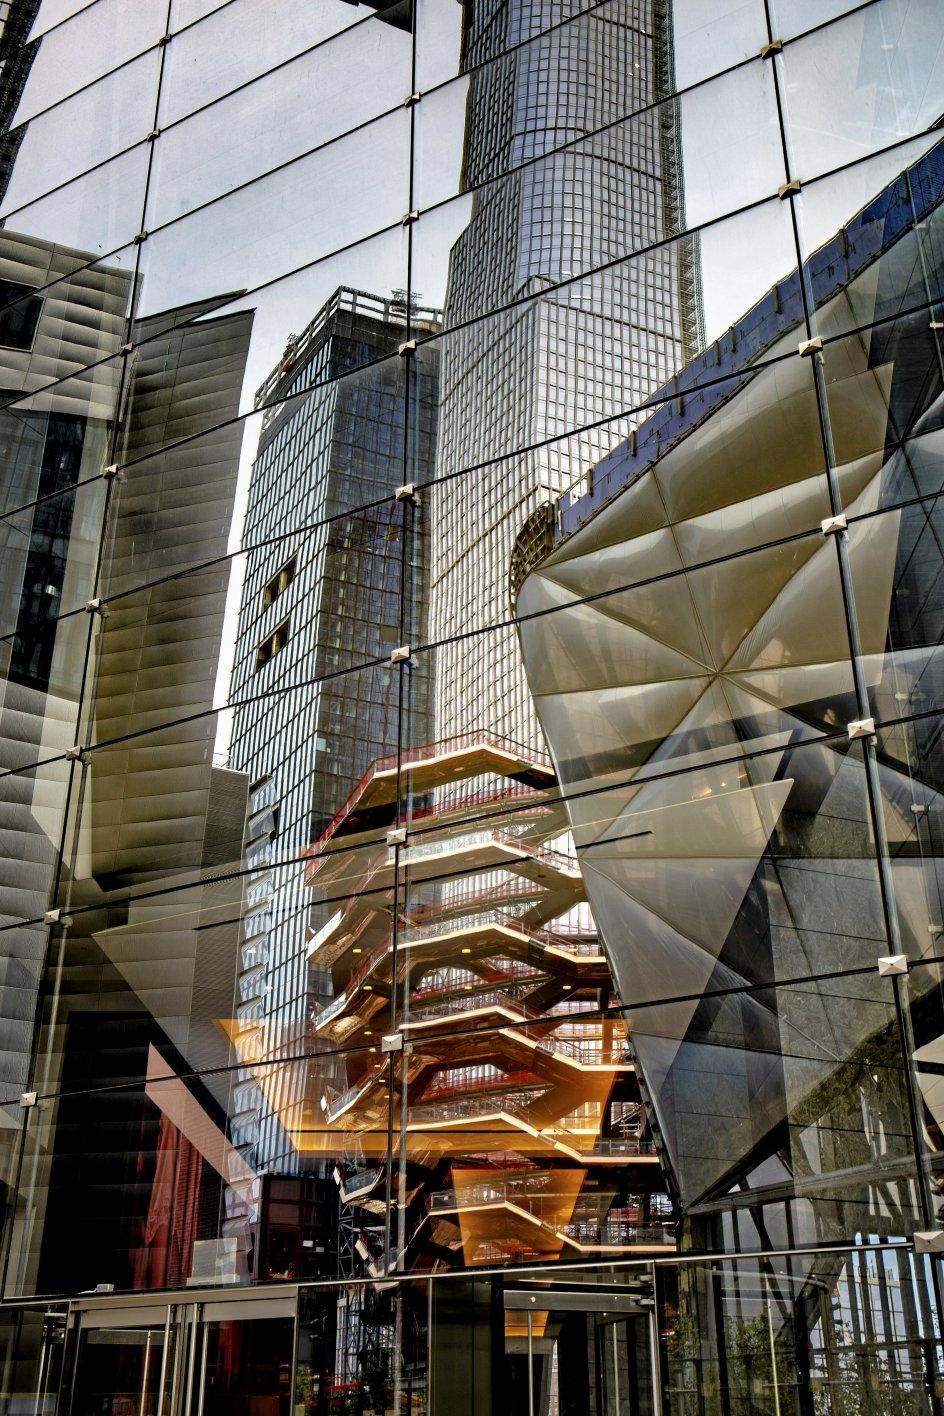 På Manhattan i USA er skyskrabere mere reglen end undtagelsen. Alligevel er kritikken haglet ned over de sjælløse glaspaladser og bygningsskulpturer i kvarteret Hudson Yards. -